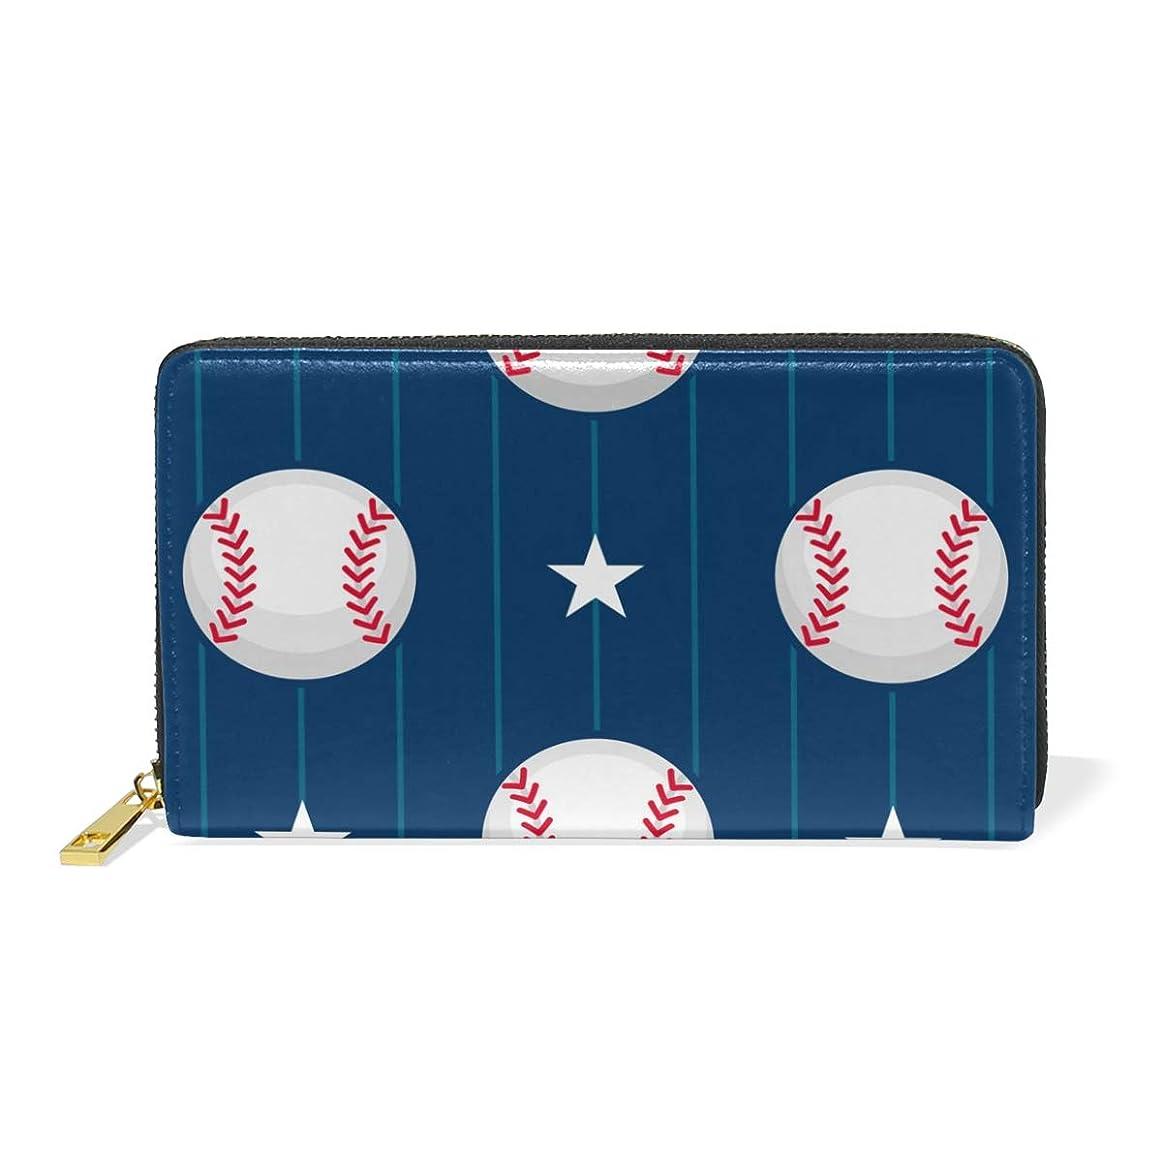 核アセンブリ毎週マキク(MAKIKU) 長財布 レディース 大容量 野球柄 星柄 本革 レザー ラウンドファスナー おしゃれ カード12枚収納 プレゼント対応